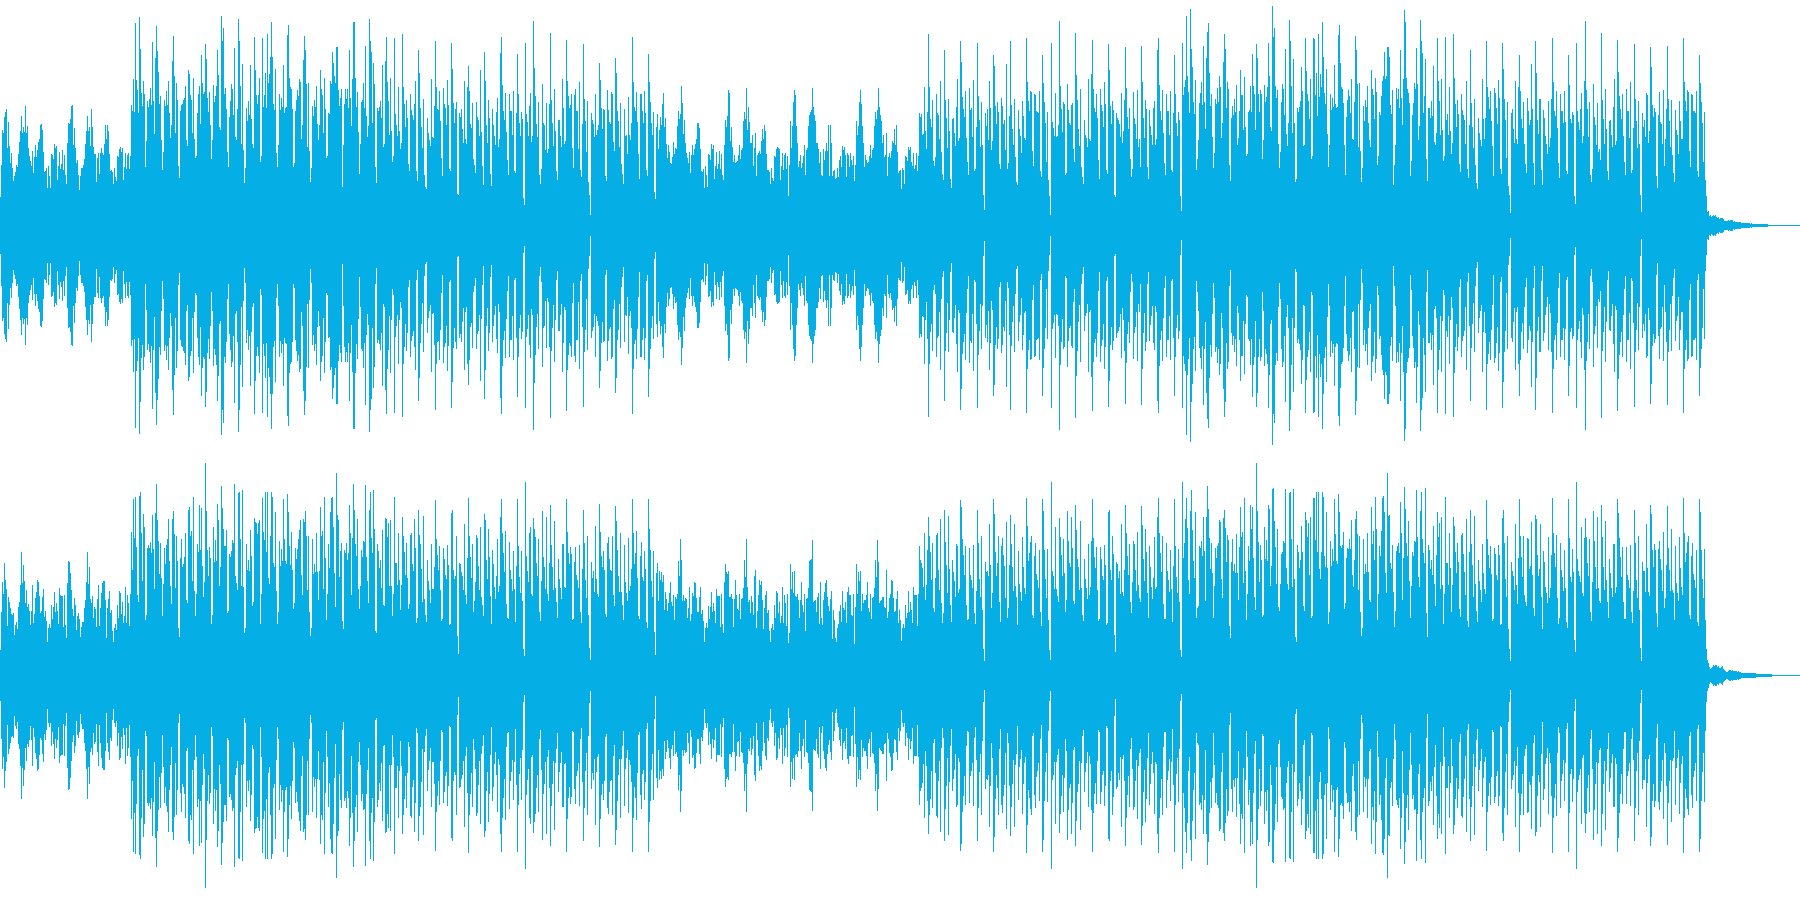 おしゃれ・エスニック・EDM・透明感4の再生済みの波形